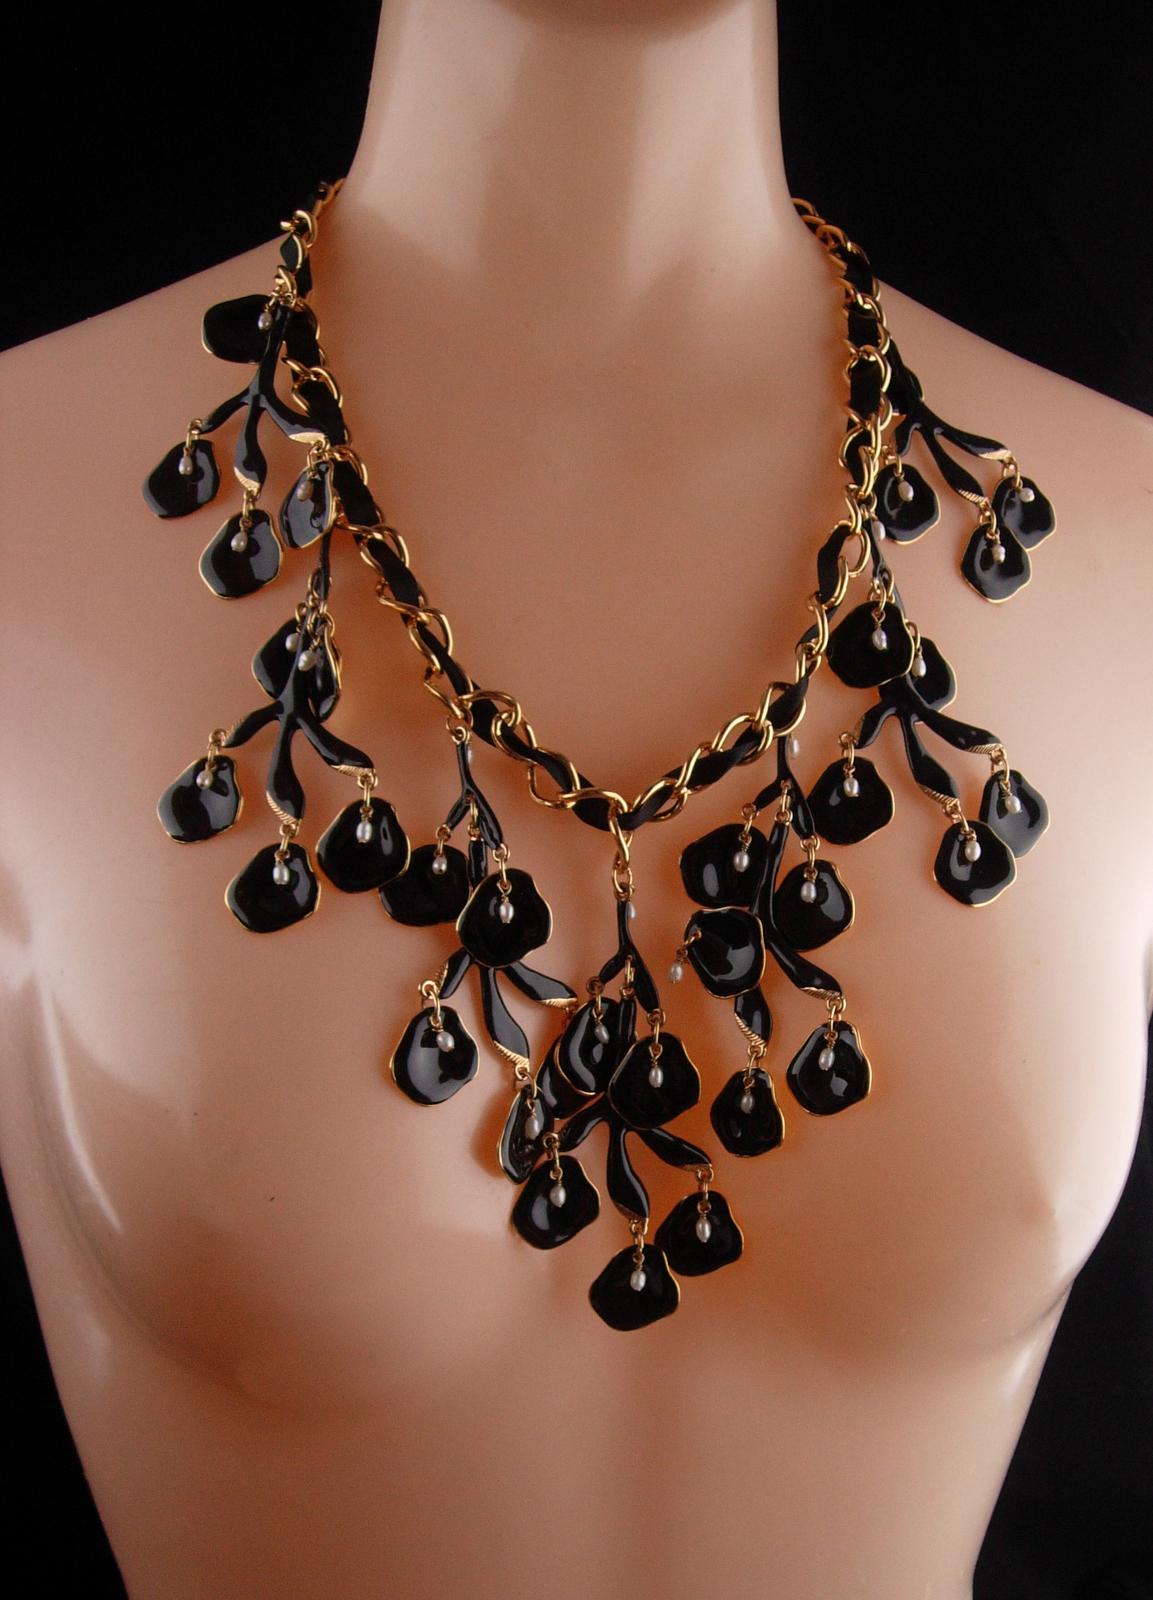 HUGE statement necklace / Black enamel / Genuine pearl drops / chandelier bib  w